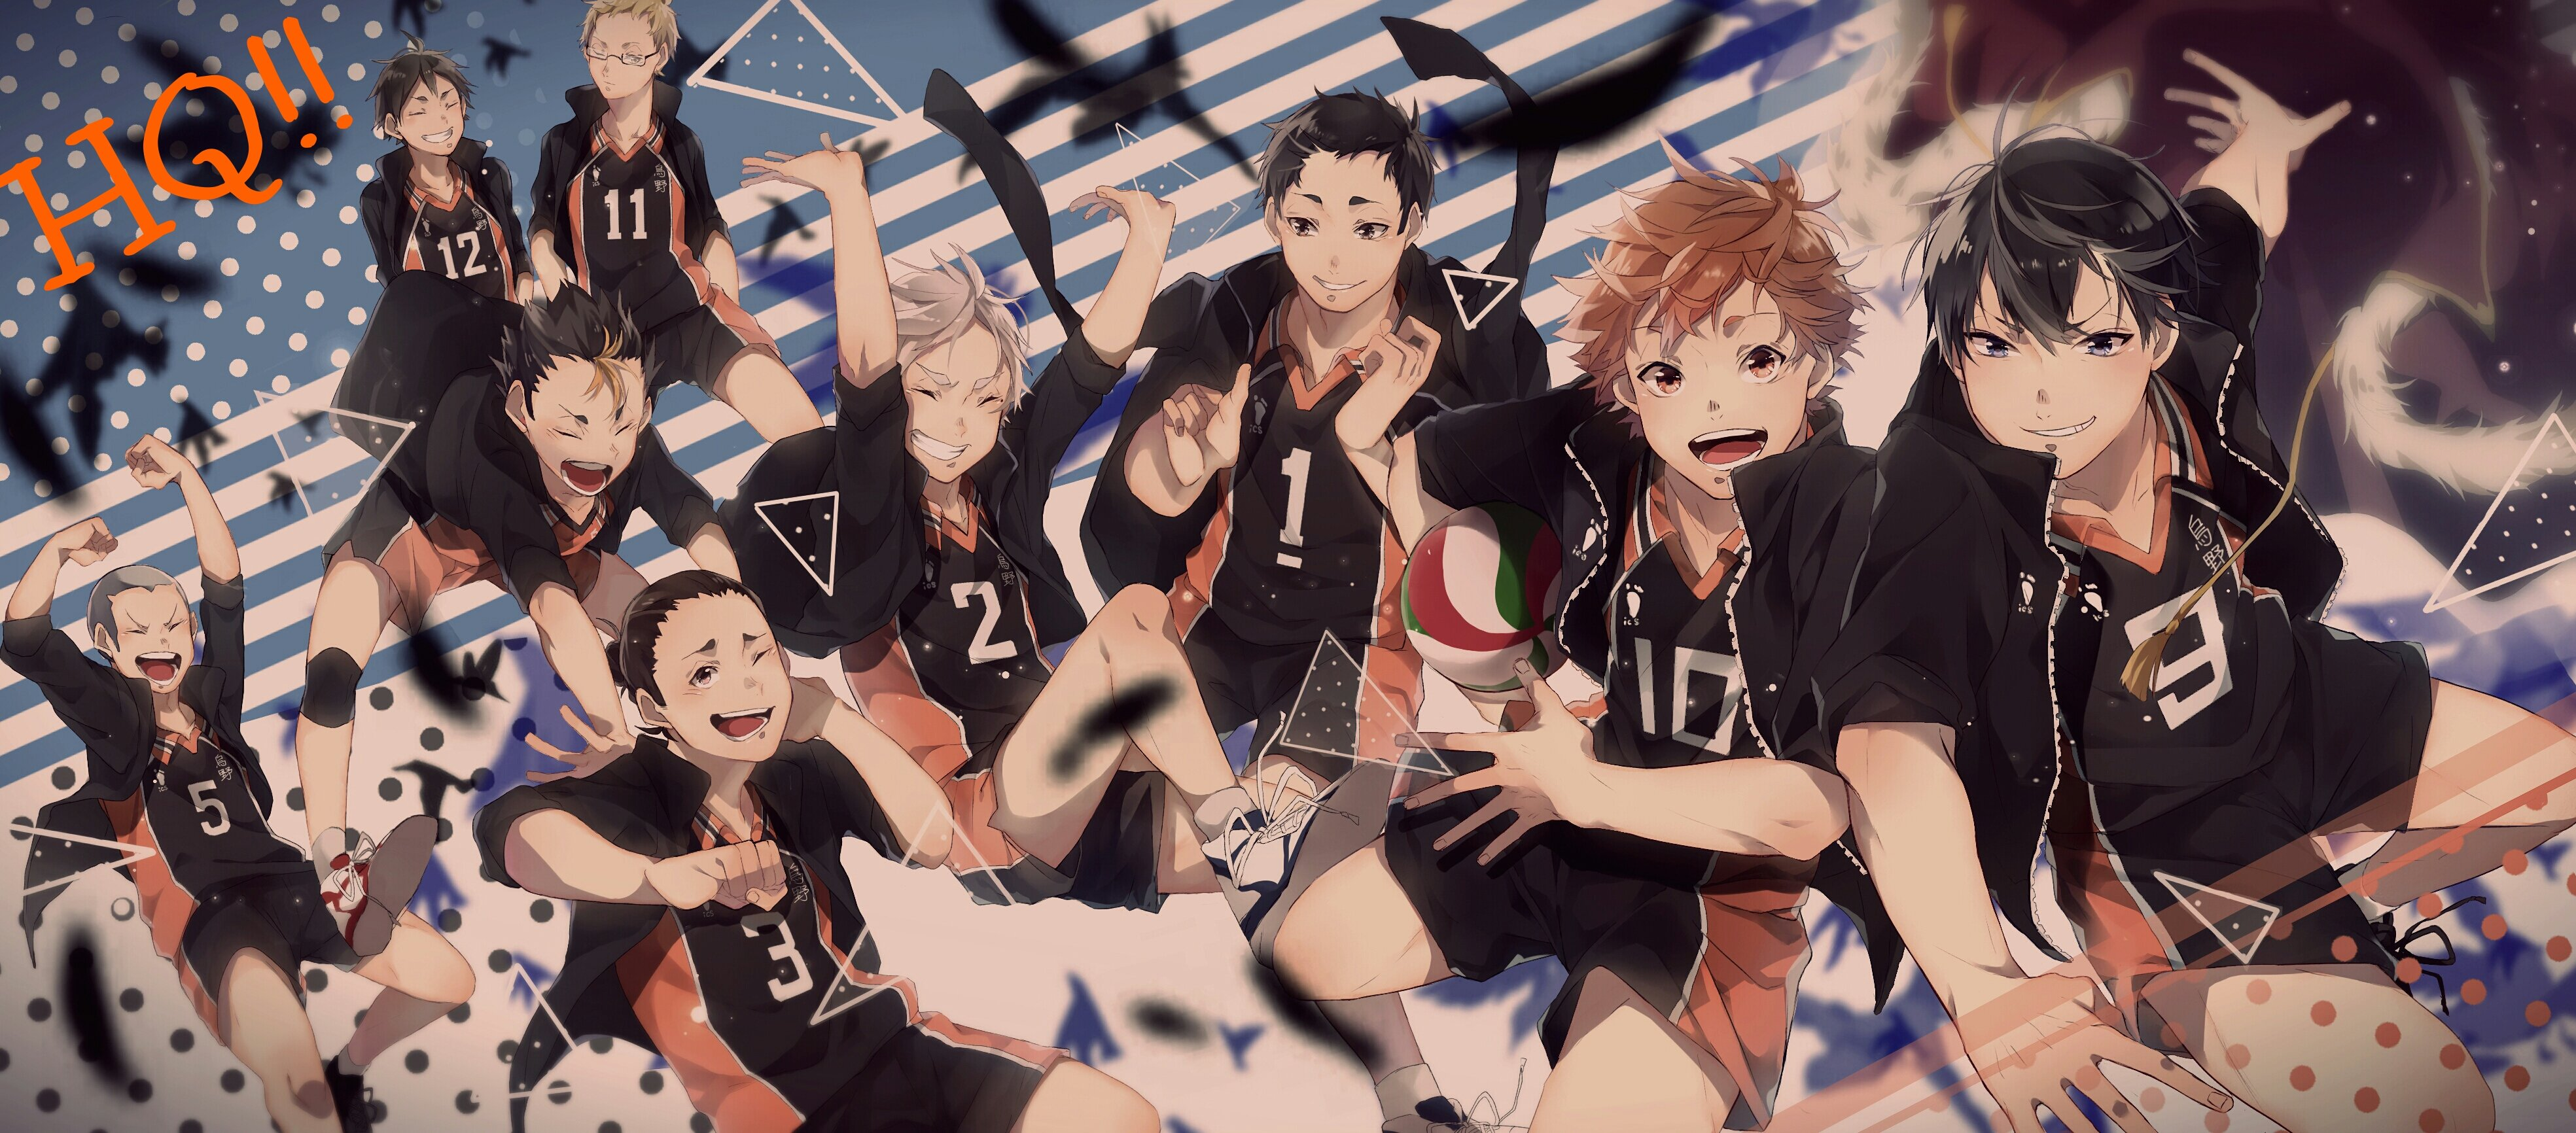 Haikyuu Nishinoya Wallpaper